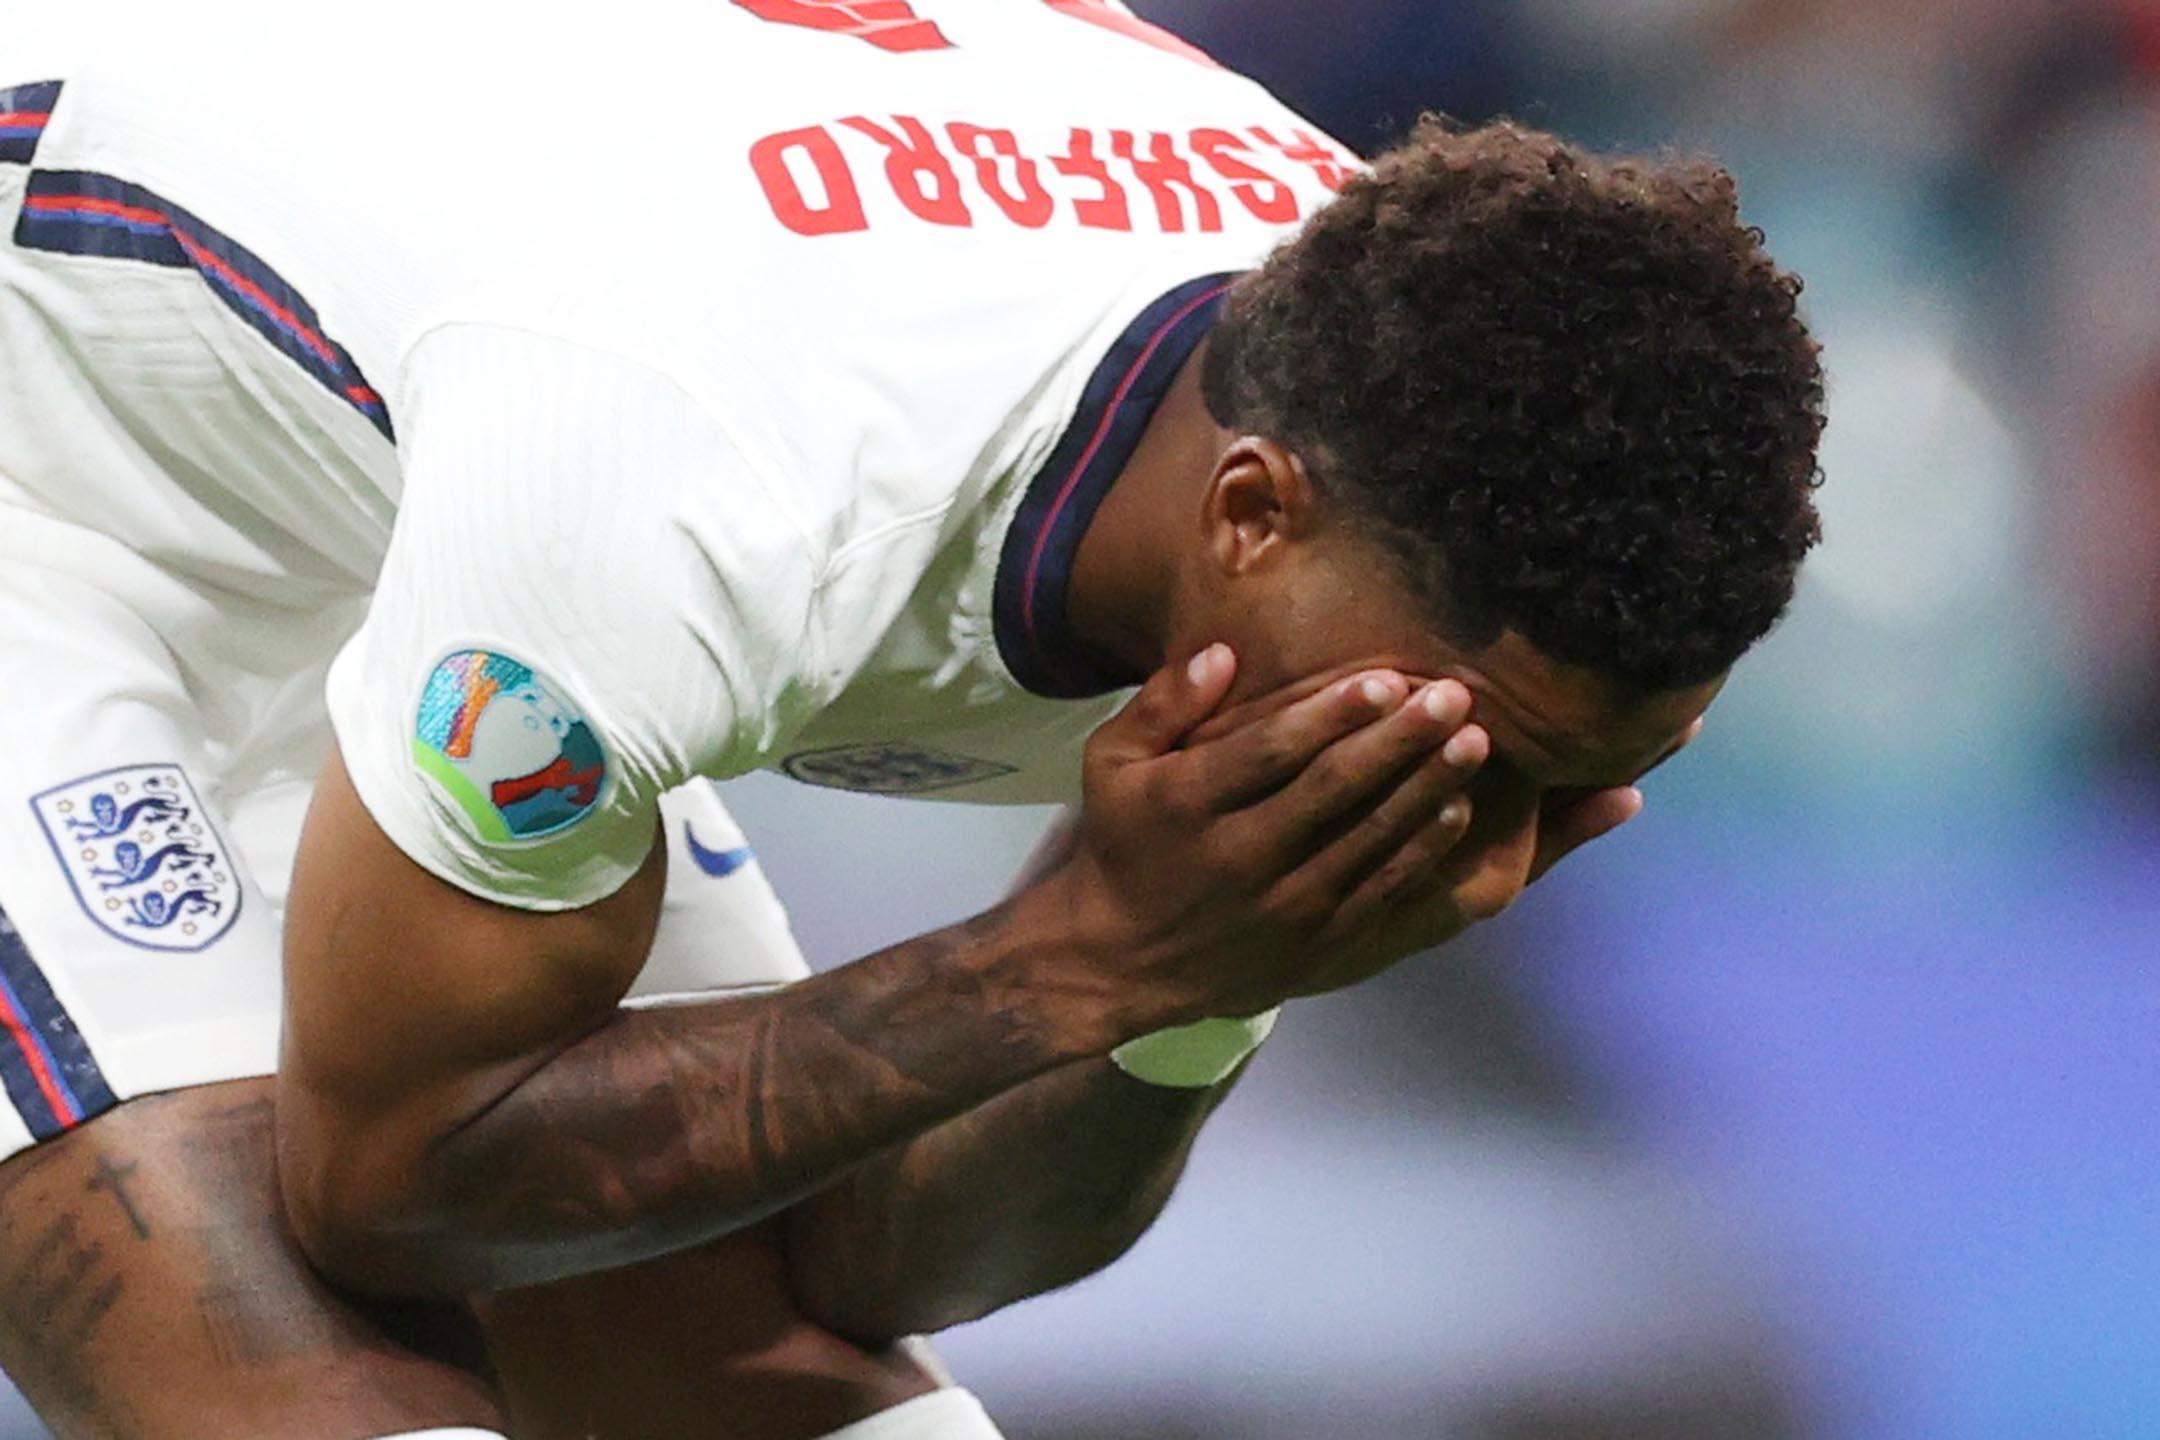 2021年7月11日英國倫敦溫布利球場,歐洲盃決賽意大利對陣英格蘭,英格蘭的馬庫斯·拉什福德(Marcus Rashford)射失12碼。 攝:Carl Recine/Pool via Reuters/達志影像